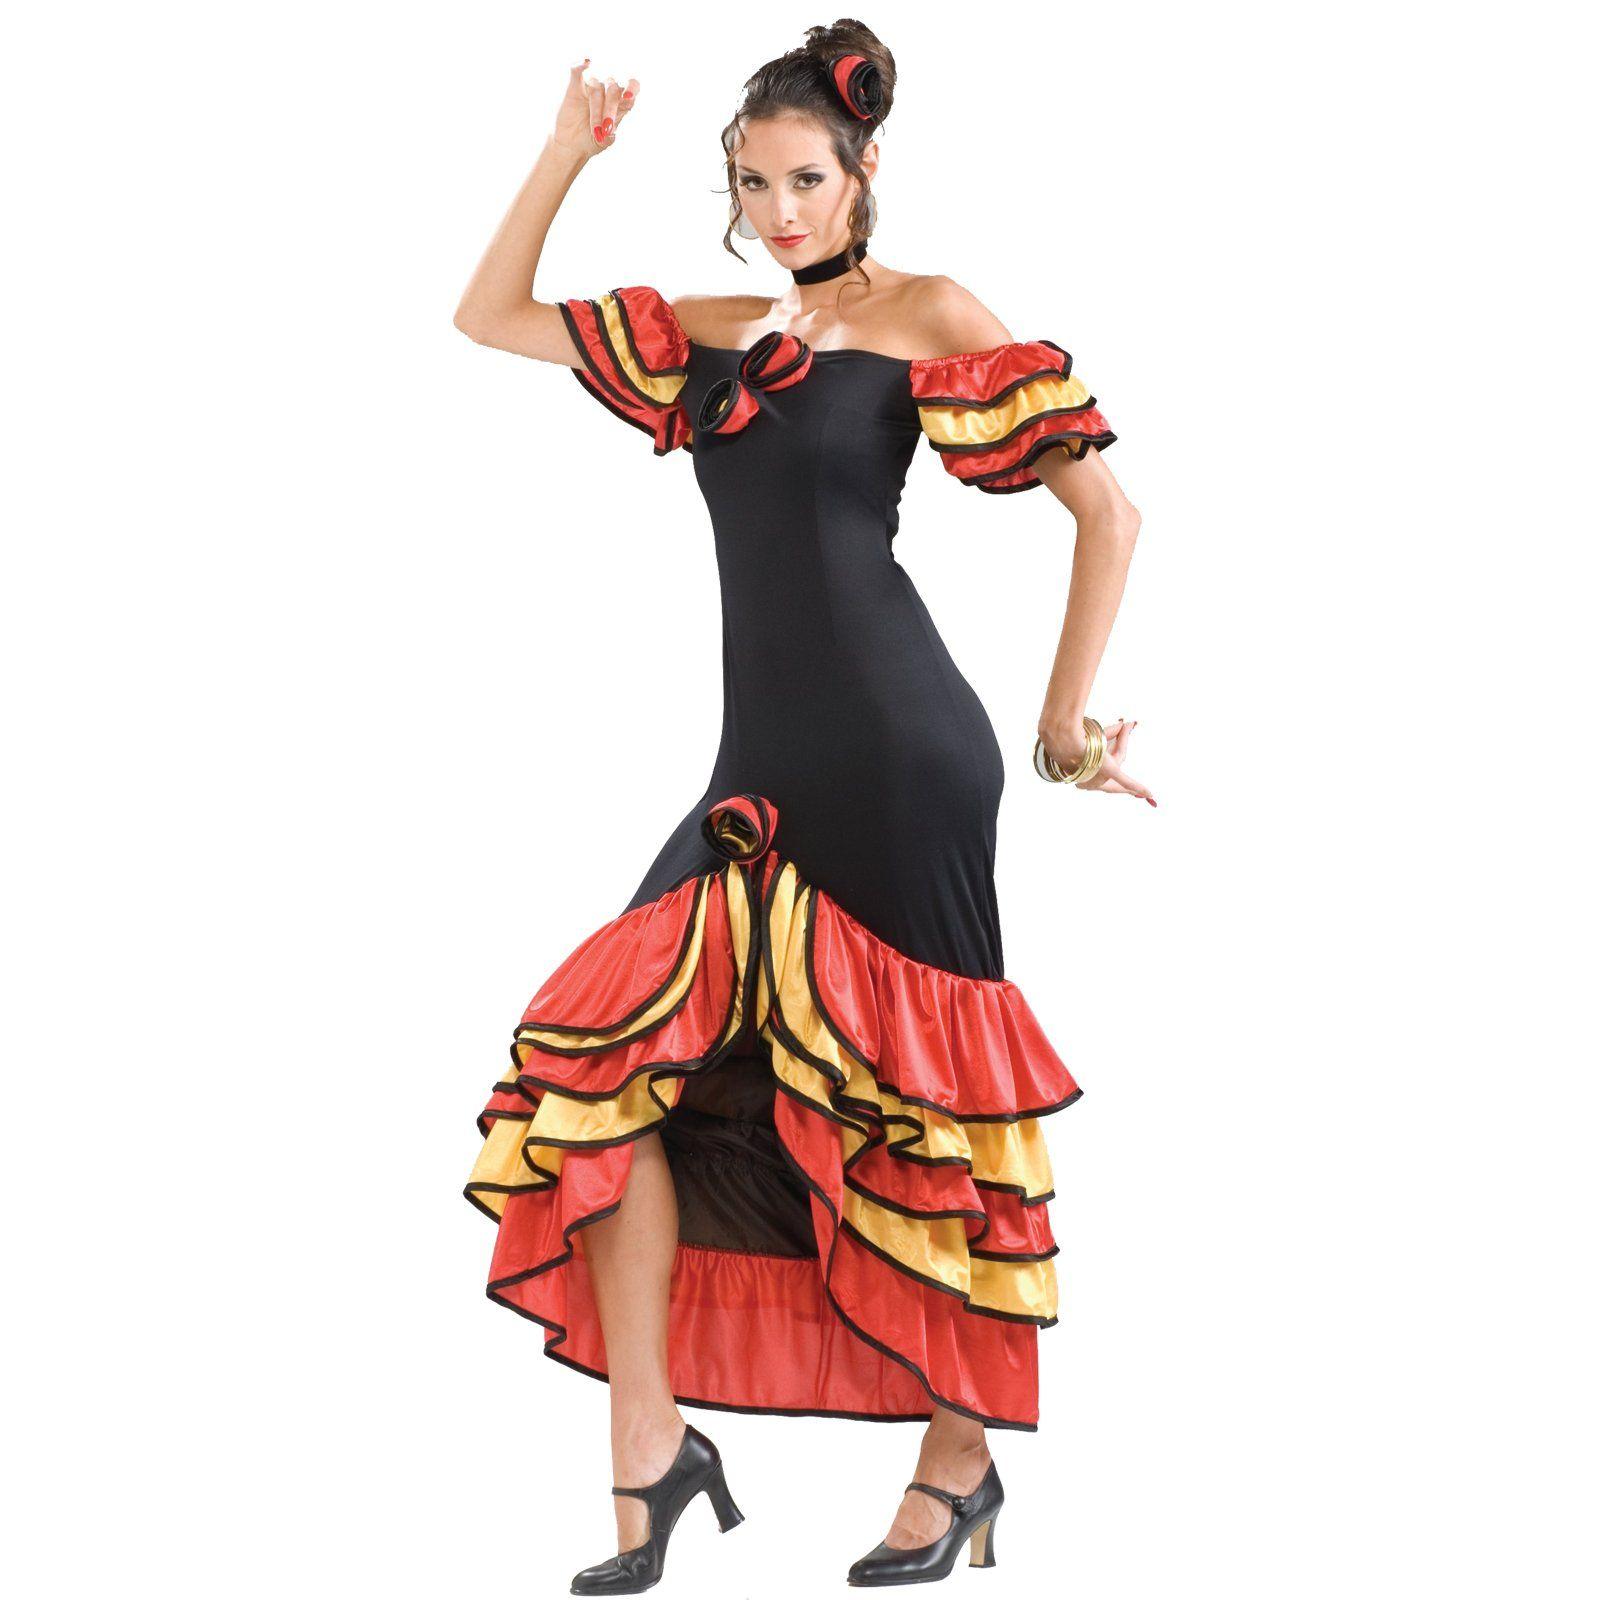 Women's Flamenco Dancer Costume Spanish, Spanish costume